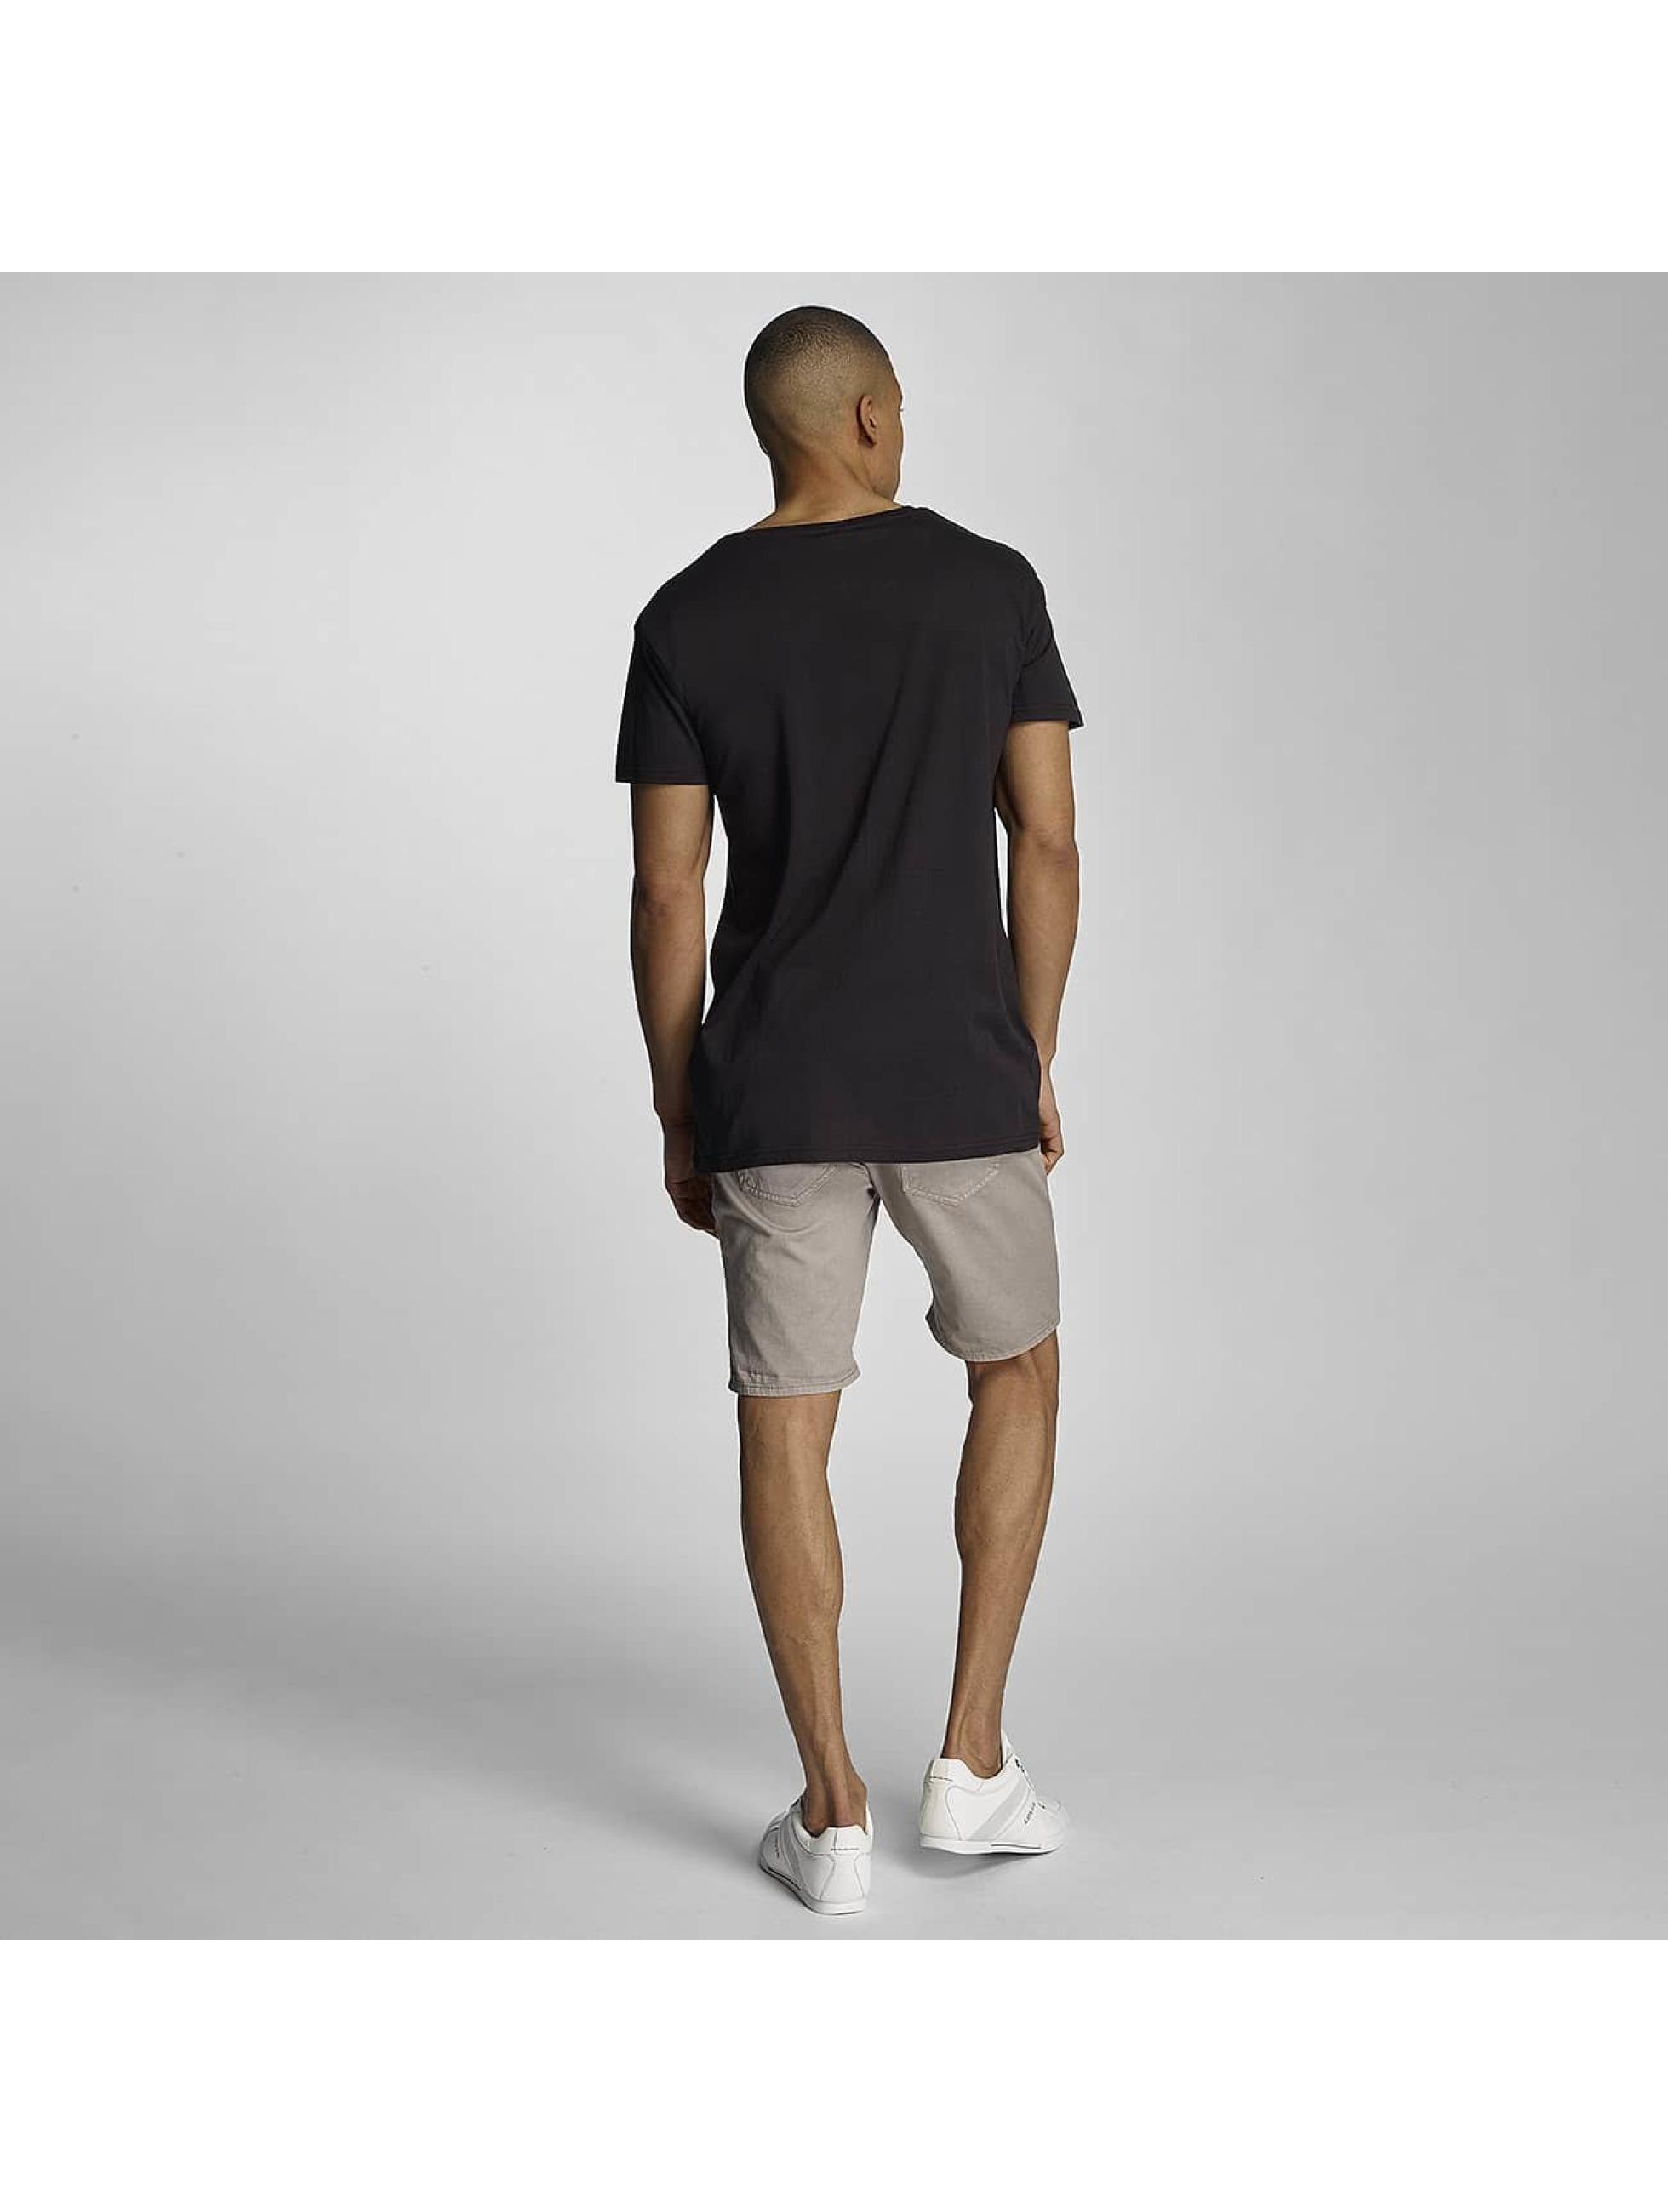 Sublevel Camiseta like a boss negro